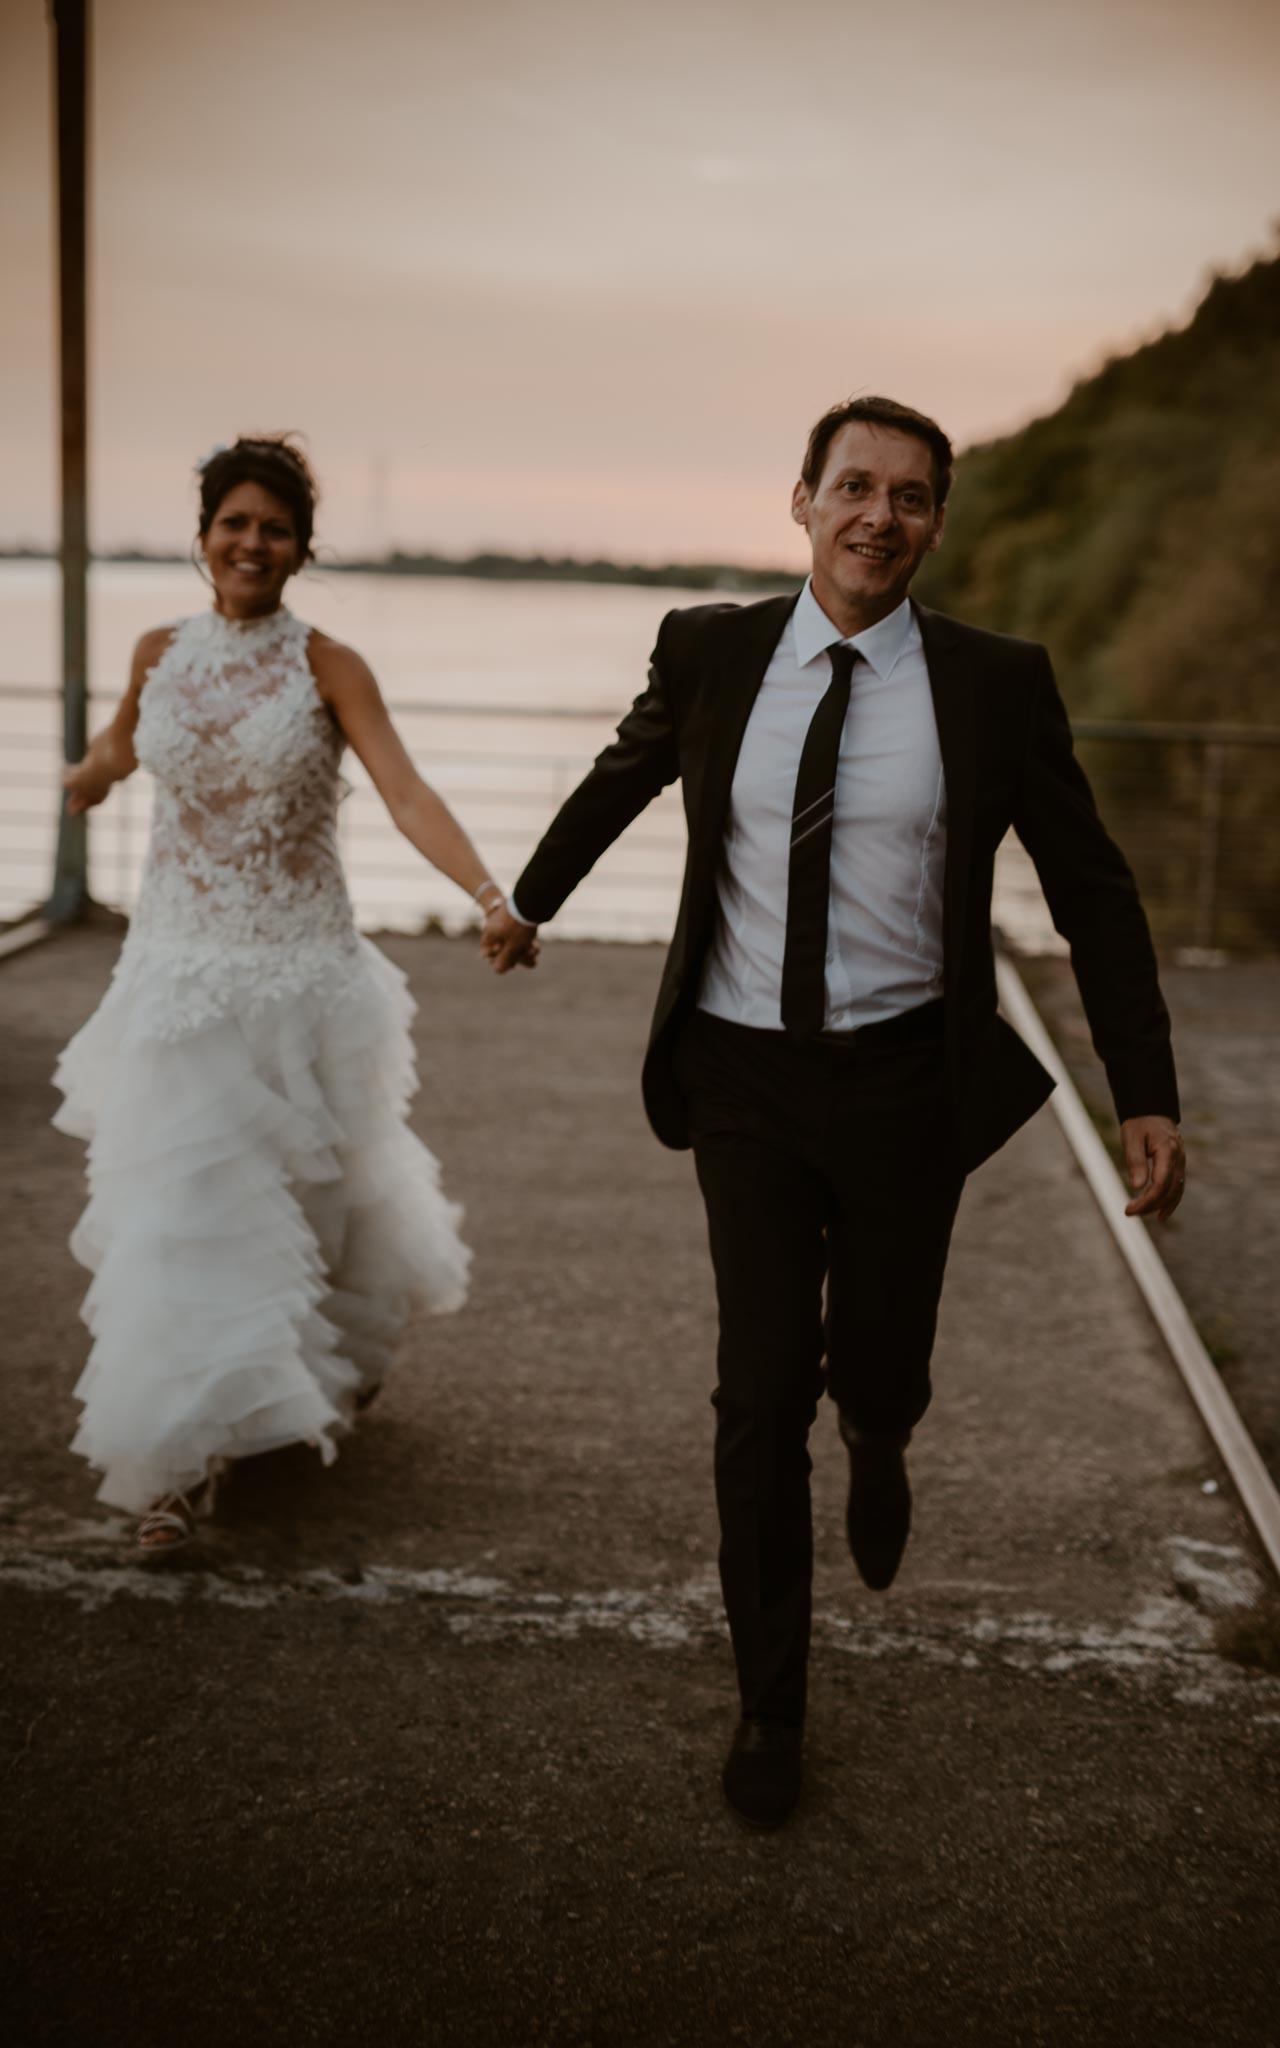 Séance couple mariés après mariage mise en scène en bord de loire aux alentours de Nantes par Geoffrey Arnoldy photographe